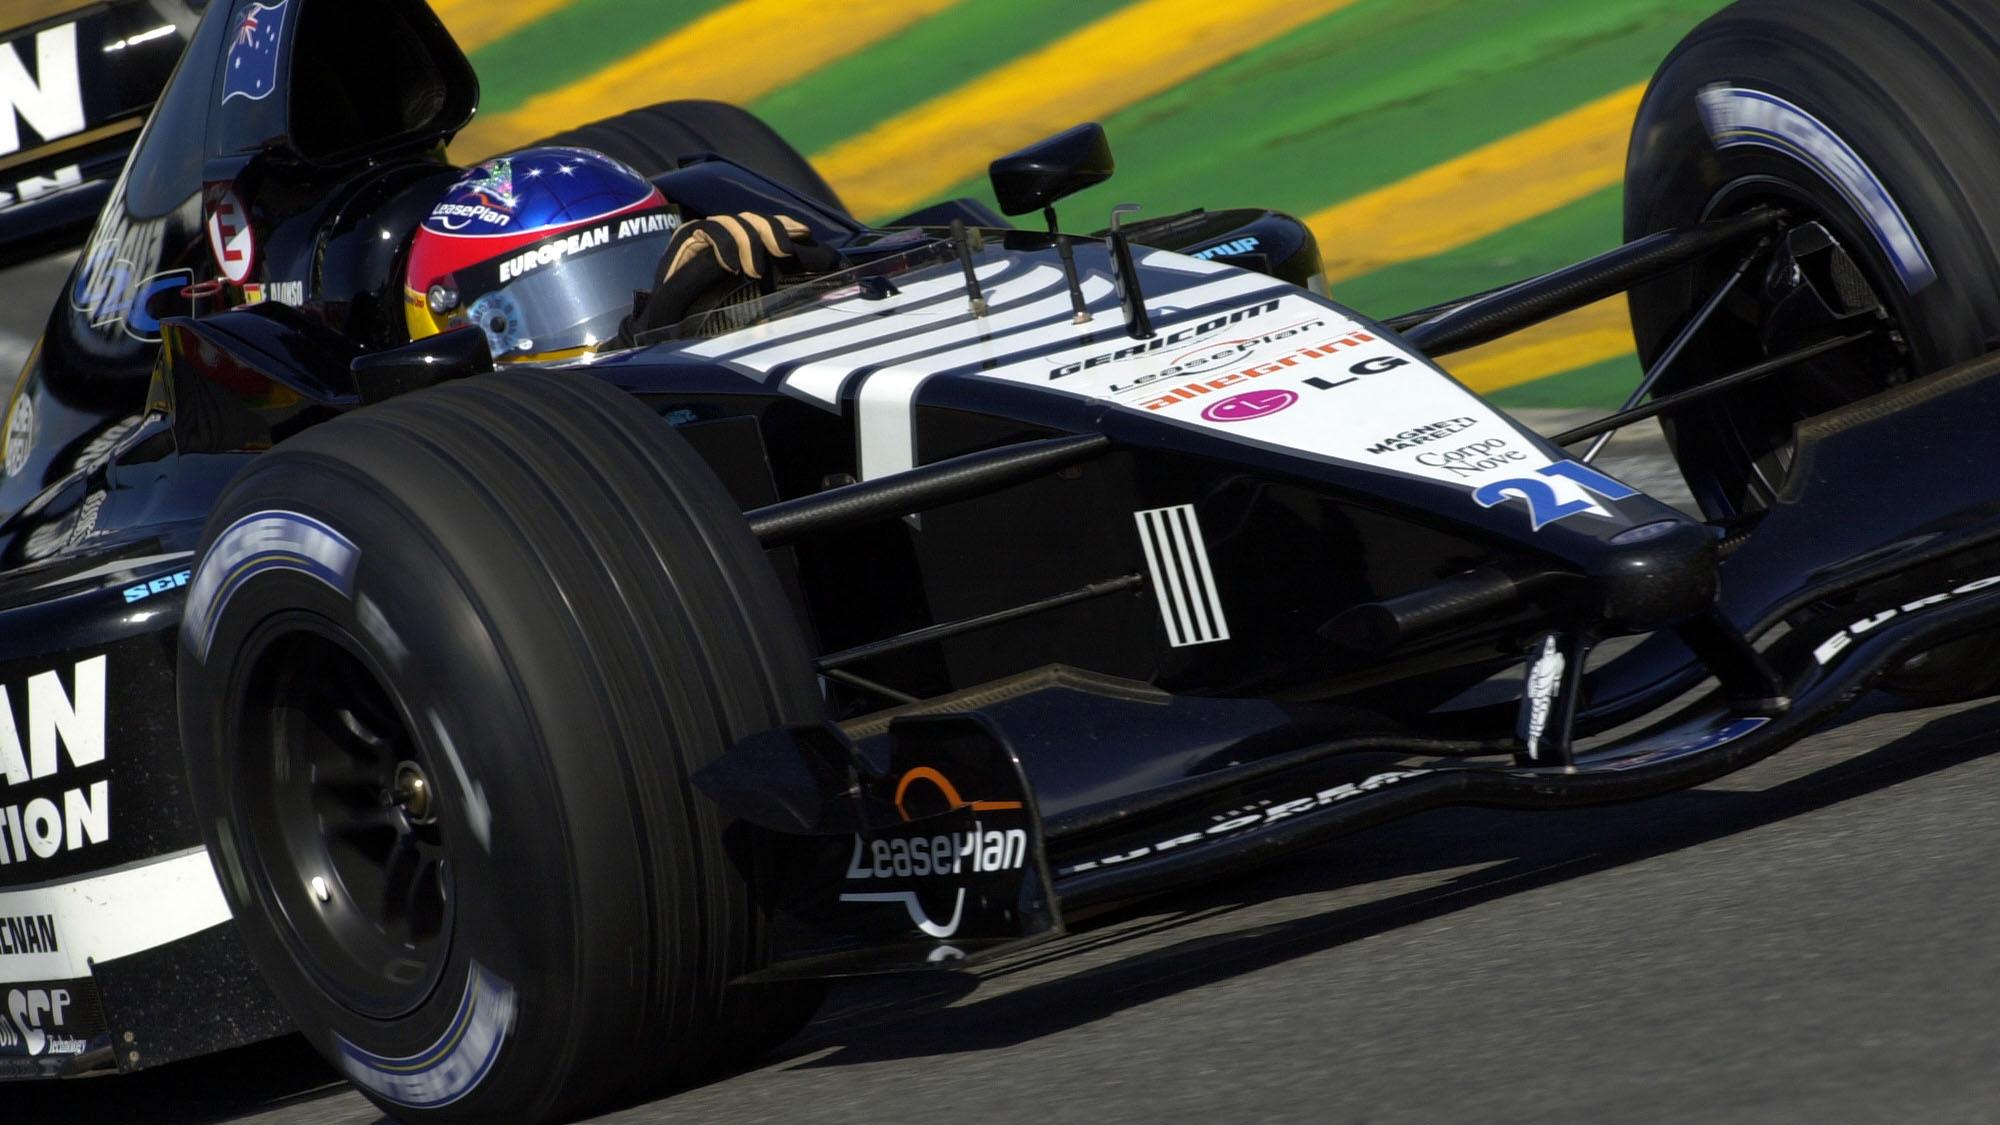 AUTO - F1 2001 - BRAZILIAN GRAND-PRIX 010401 - SAO PAULO - PHOTO: GILLES LEVENT / DPPI FERNANDO ALONSO (SPA) / EUROPEAN MINARDI #